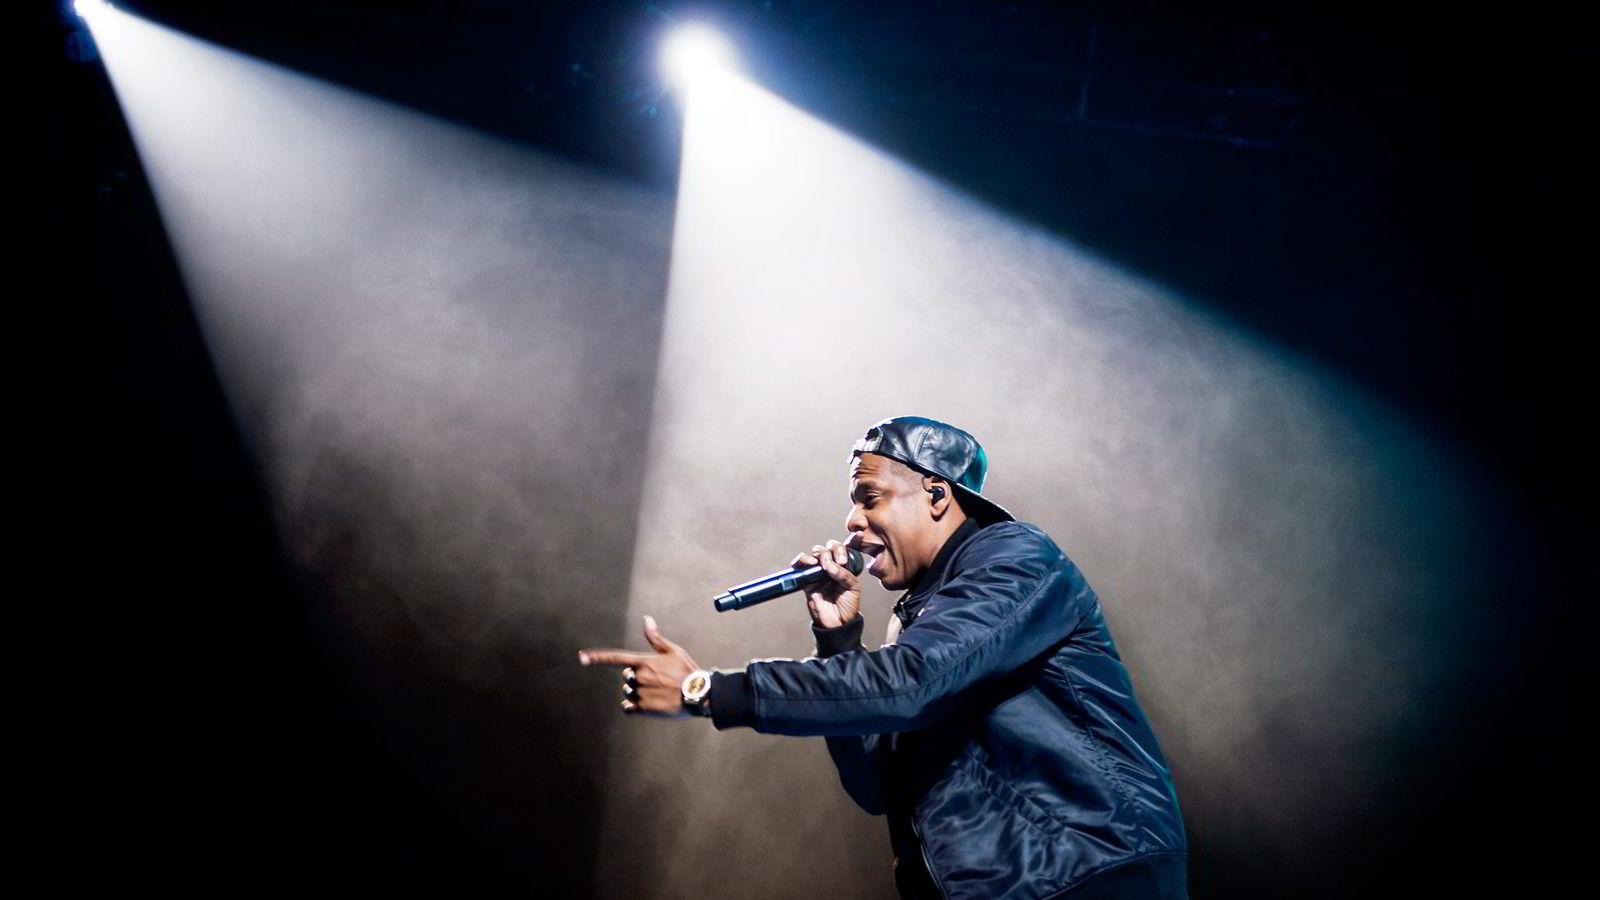 Jay Z er misfornøyd med innholdet i strømmetjenesten han kjøpte og relanserte som Tidal. Foto: Helge Mikalsen/VG/NTB Scanpix